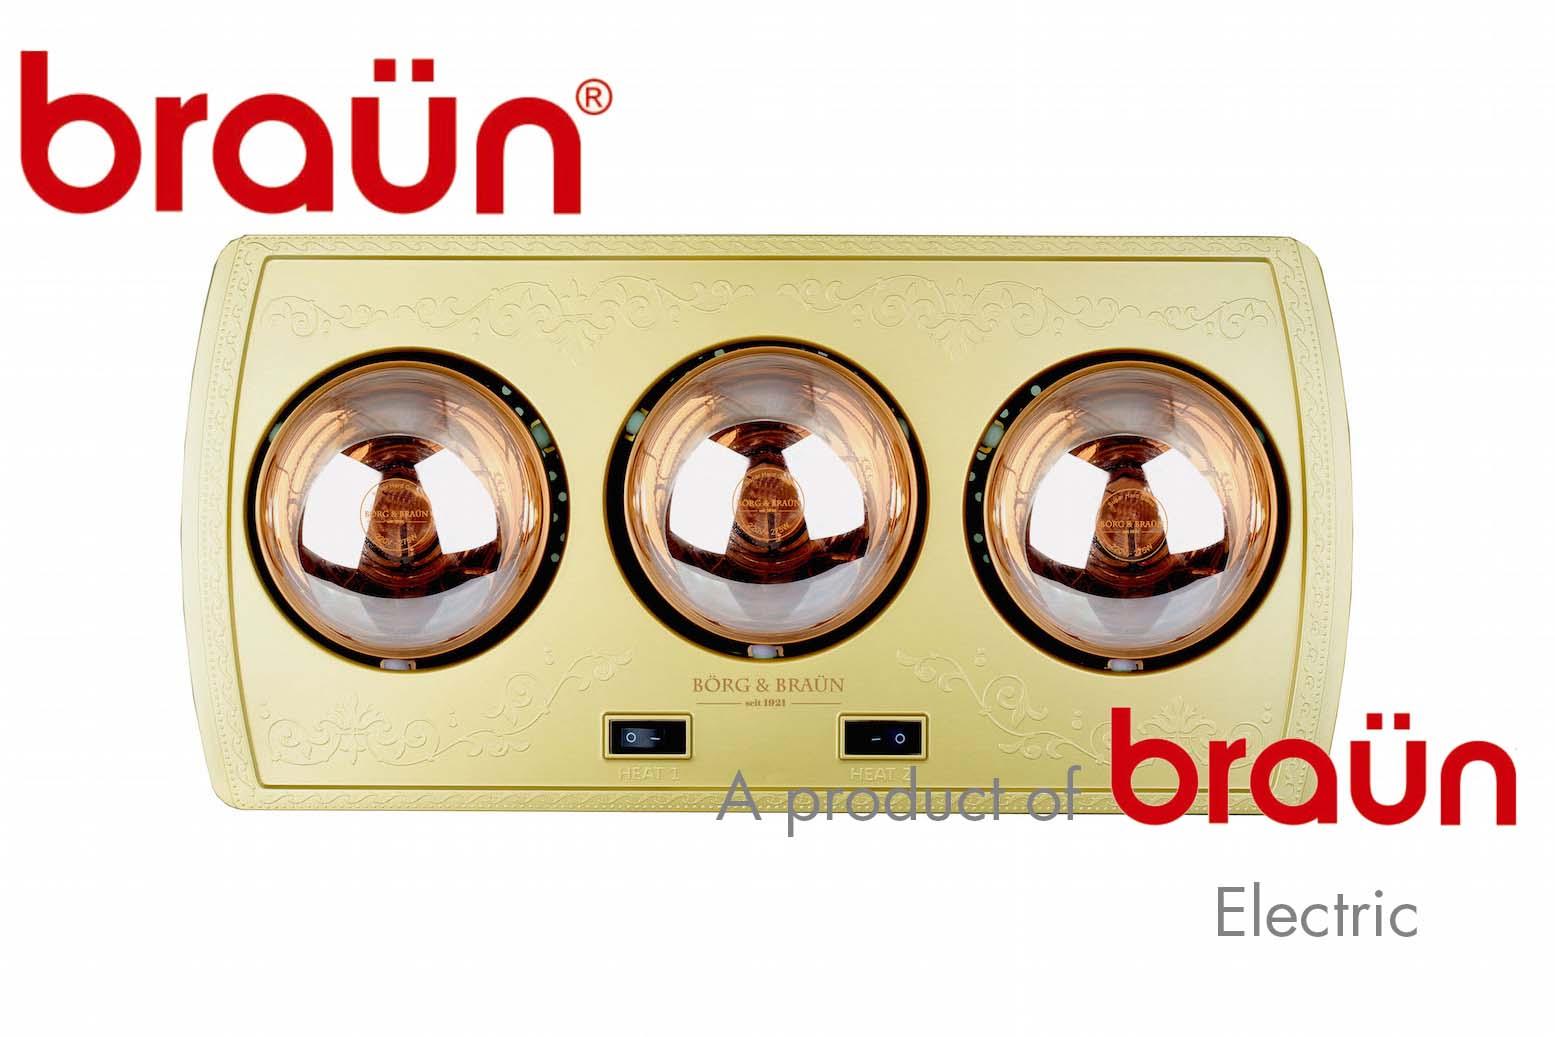 Đèn Sưởi Nhà Tắm 3 Bóng Braun Borg BU03 Bảo Hành 5 Năm